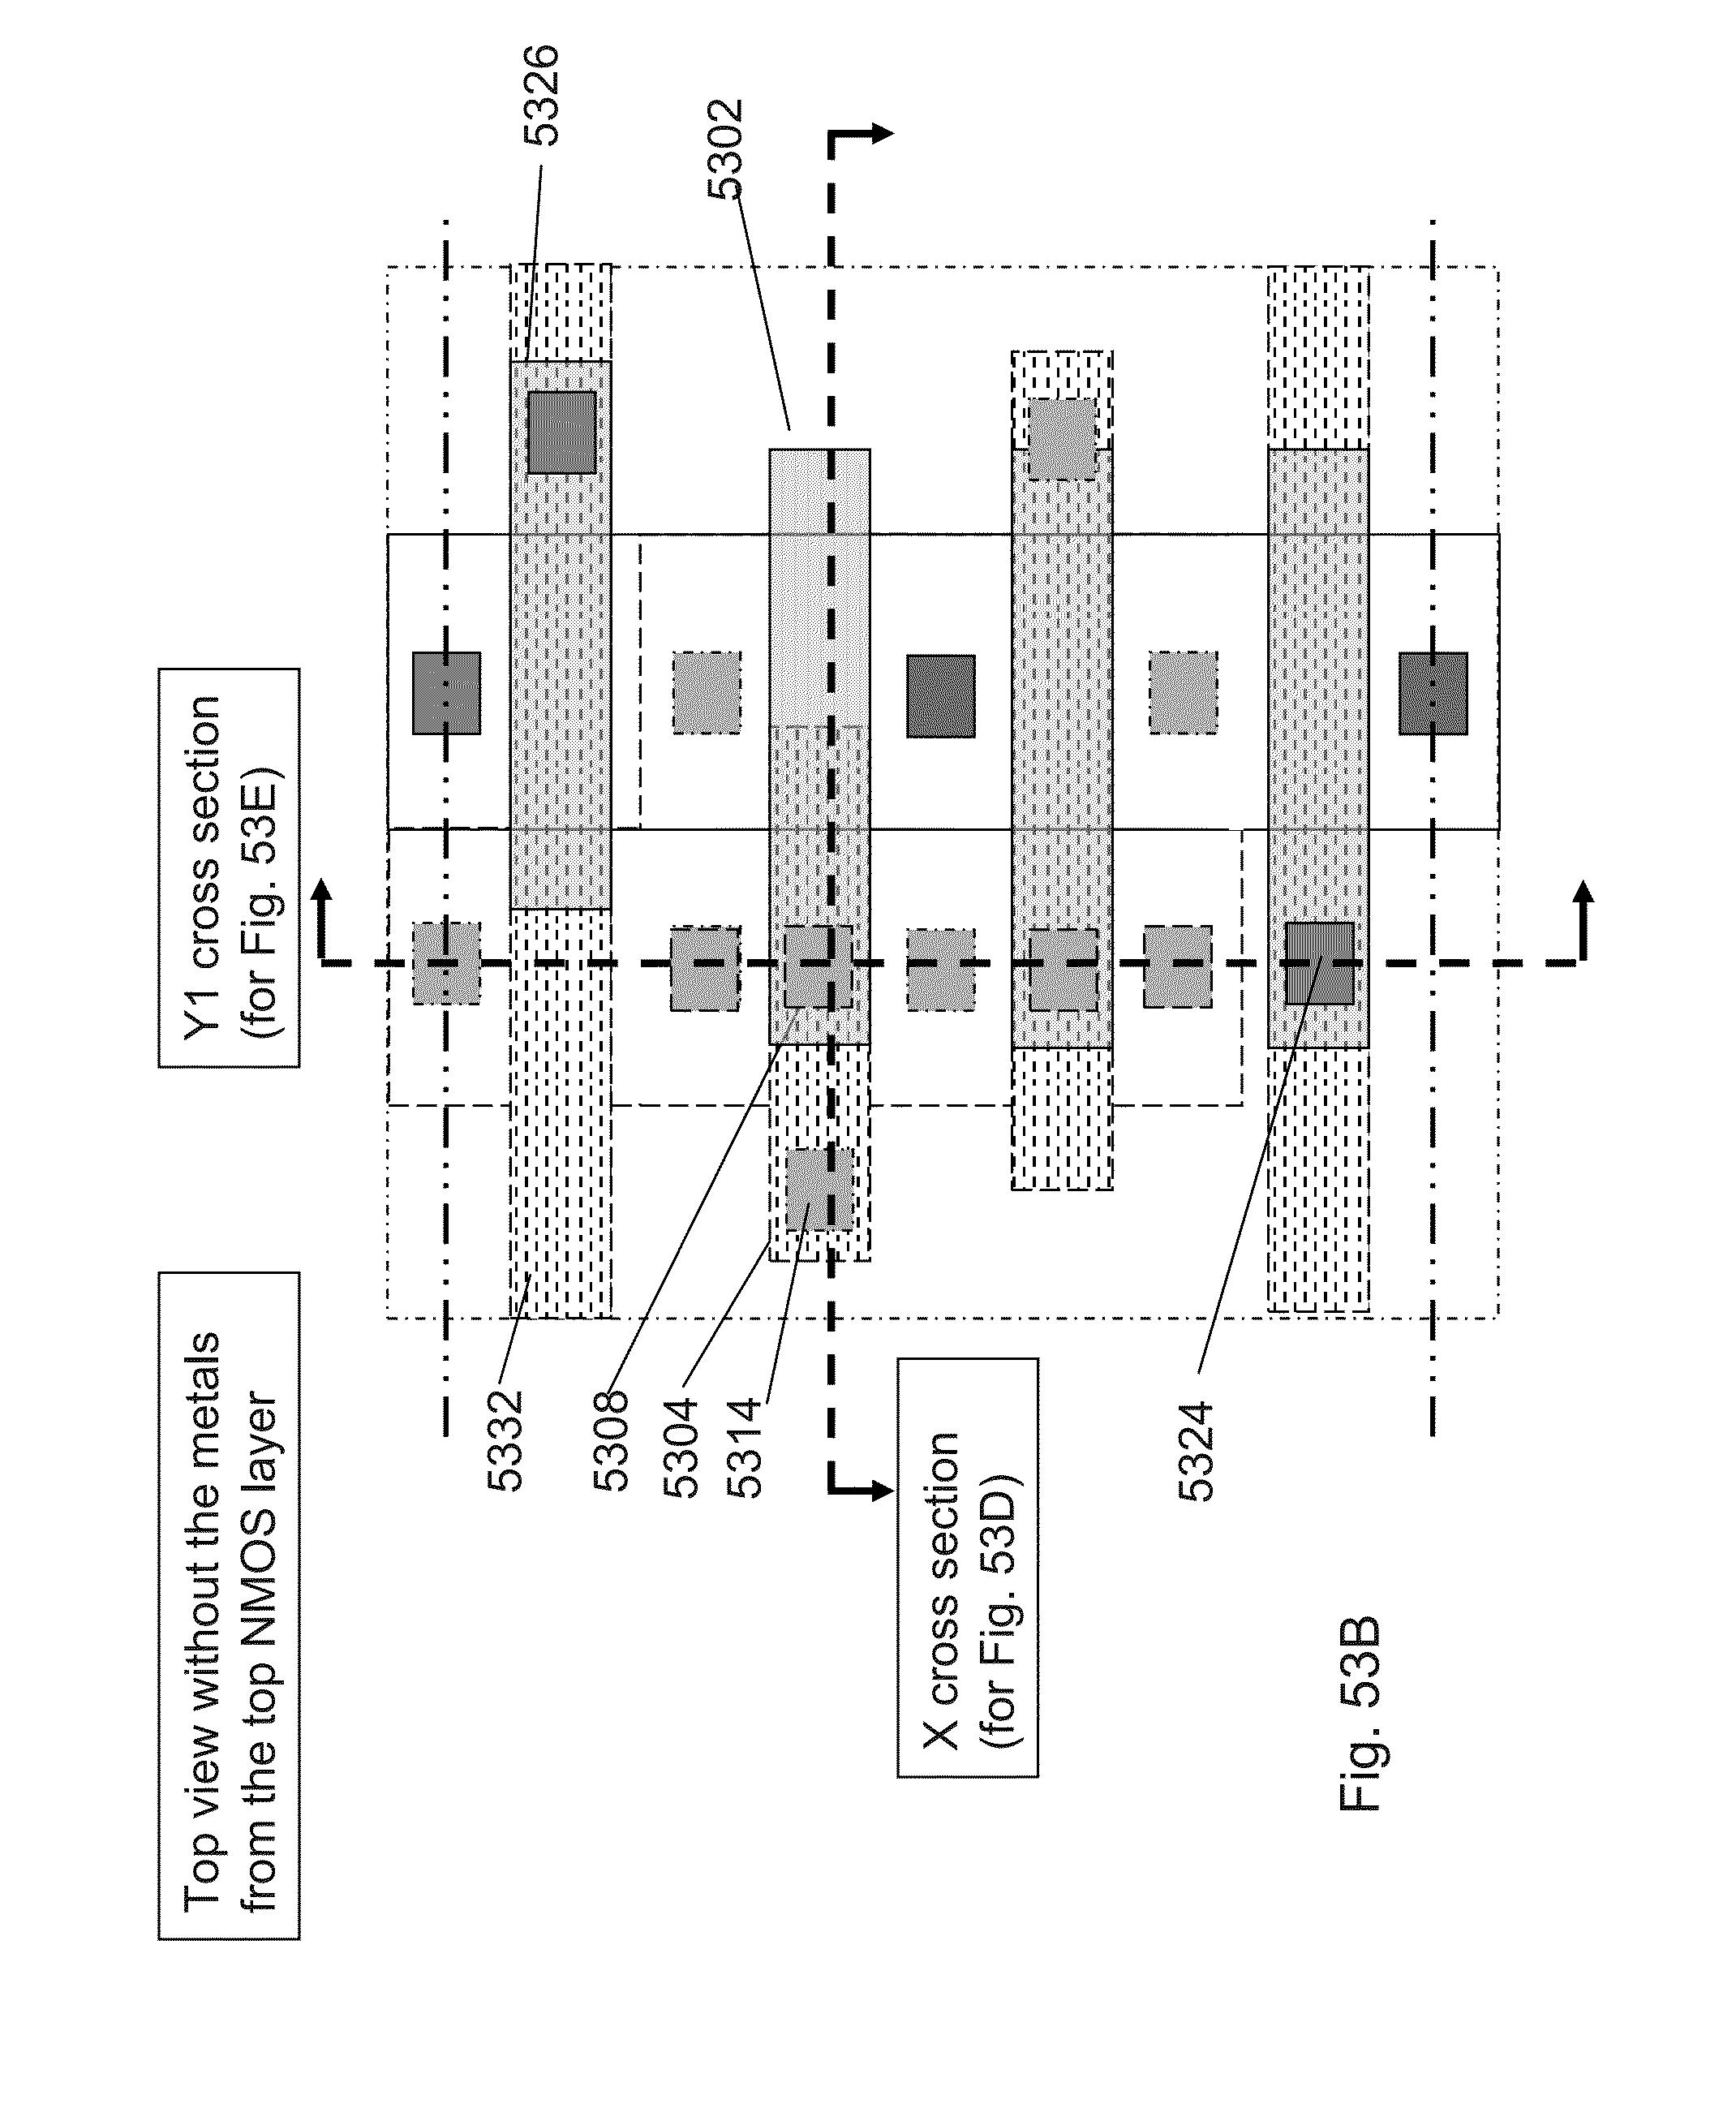 创维8000t-2140a电源电路图